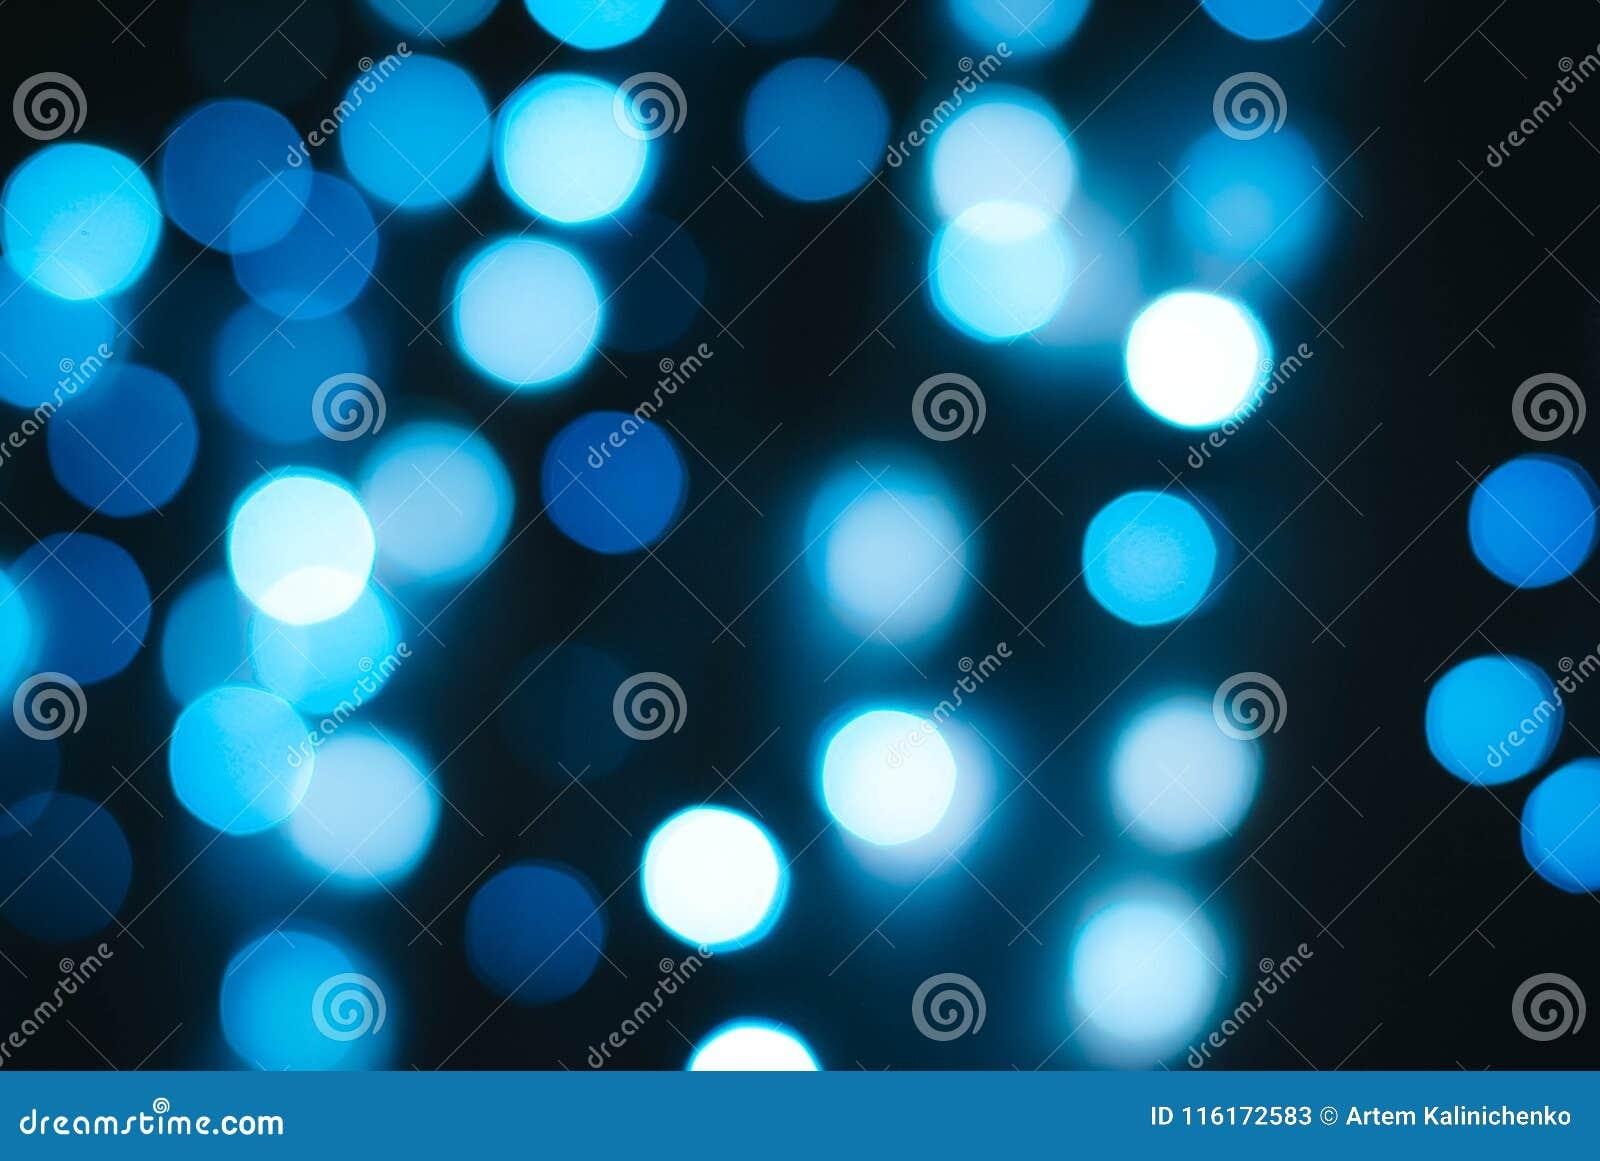 Bokeh brilhante de luzes azuis